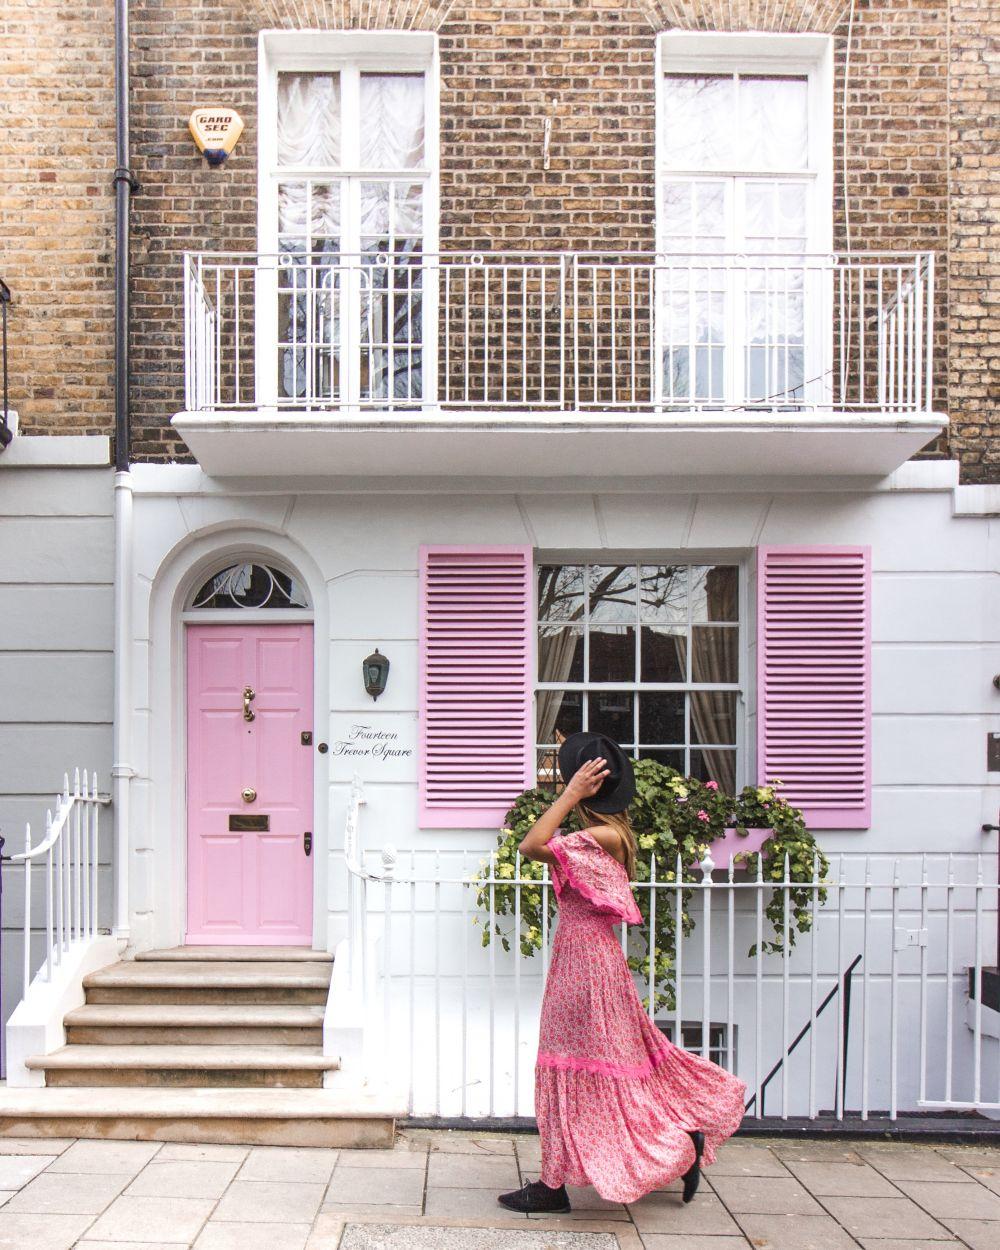 Knightsbridge Instagram spots